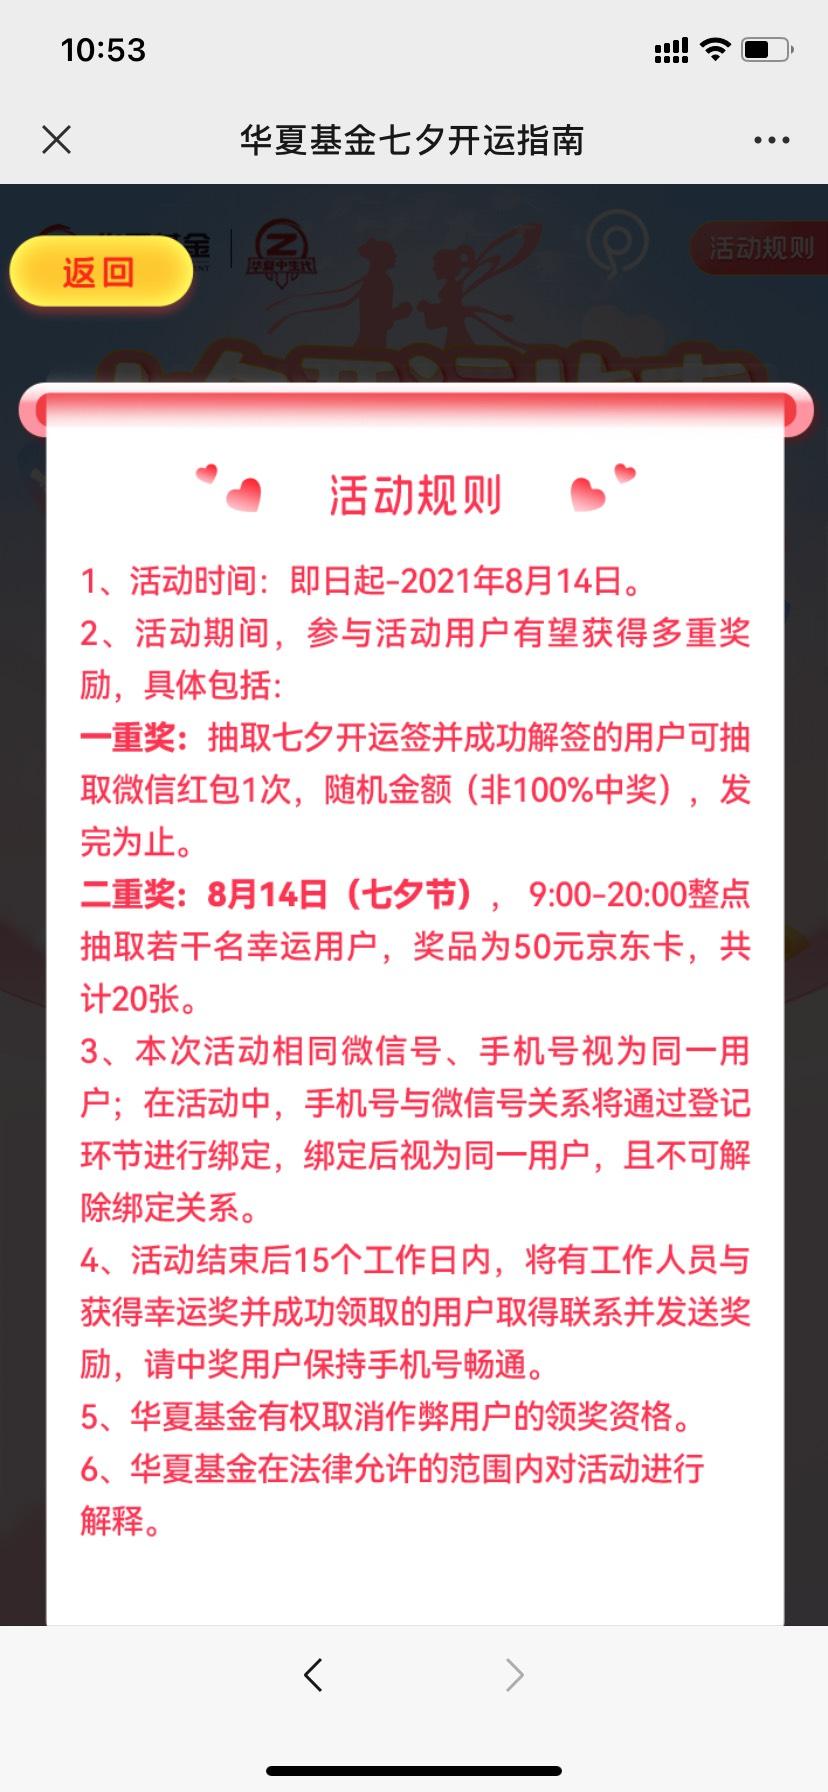 【现金红包】华夏基金抽取微信红包插图2